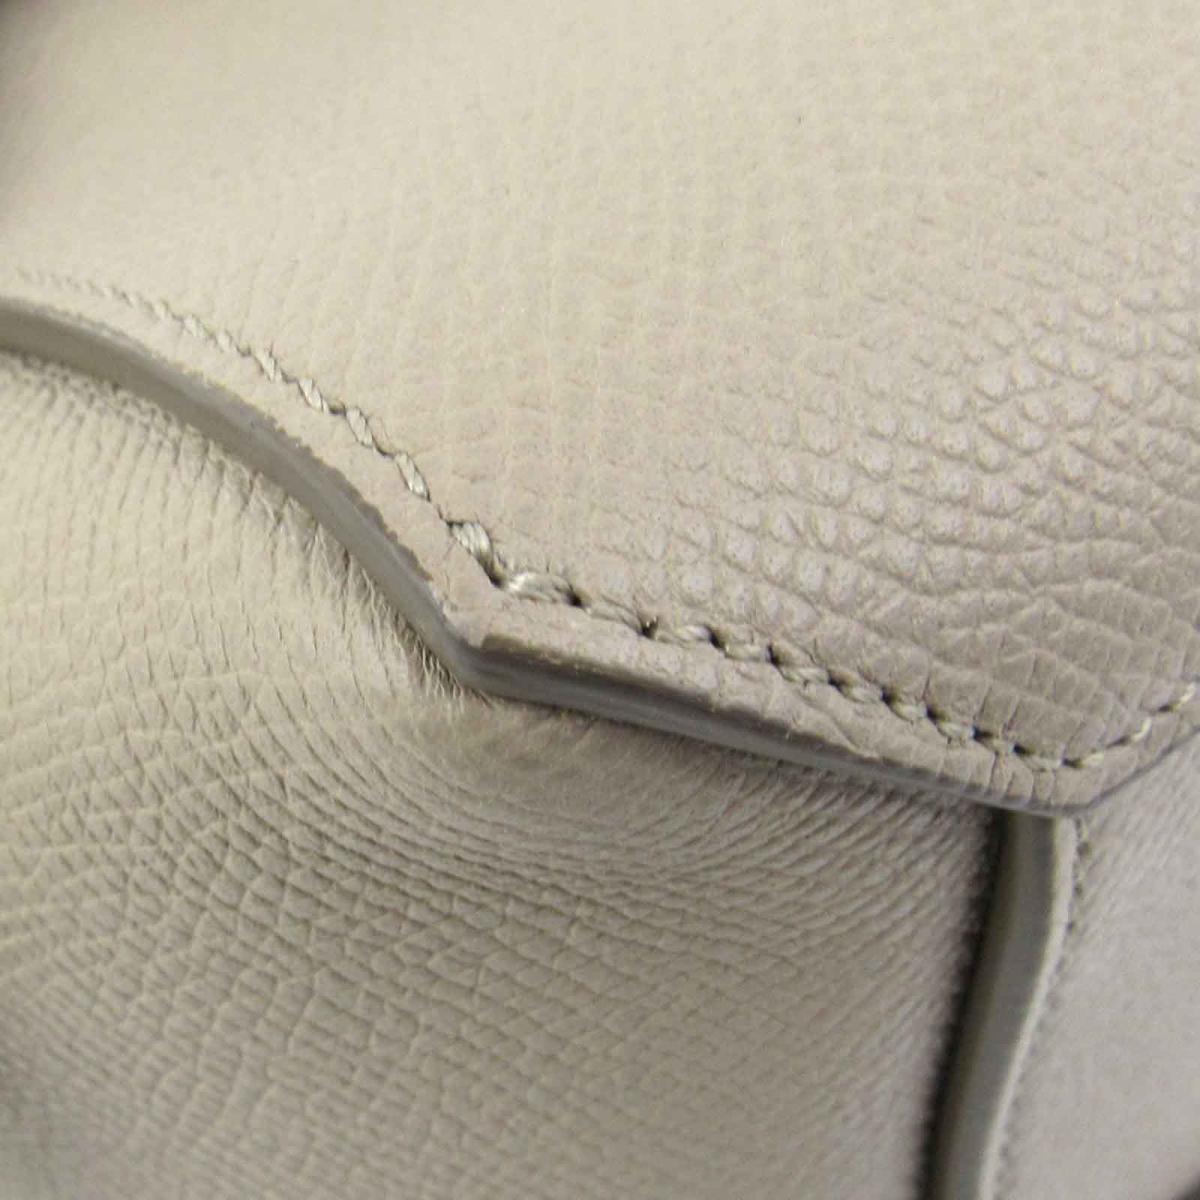 セリーヌ ナノ・ベルト 2wayショルダーバッグ バッグ レディース 型押しレザー ベージュ185003ZVACELINE ブランドオフ ブランド ブランドバッグ バック ショルダーバッグ ショルダーバック ショルダー 肩掛け4j3AL5Rq